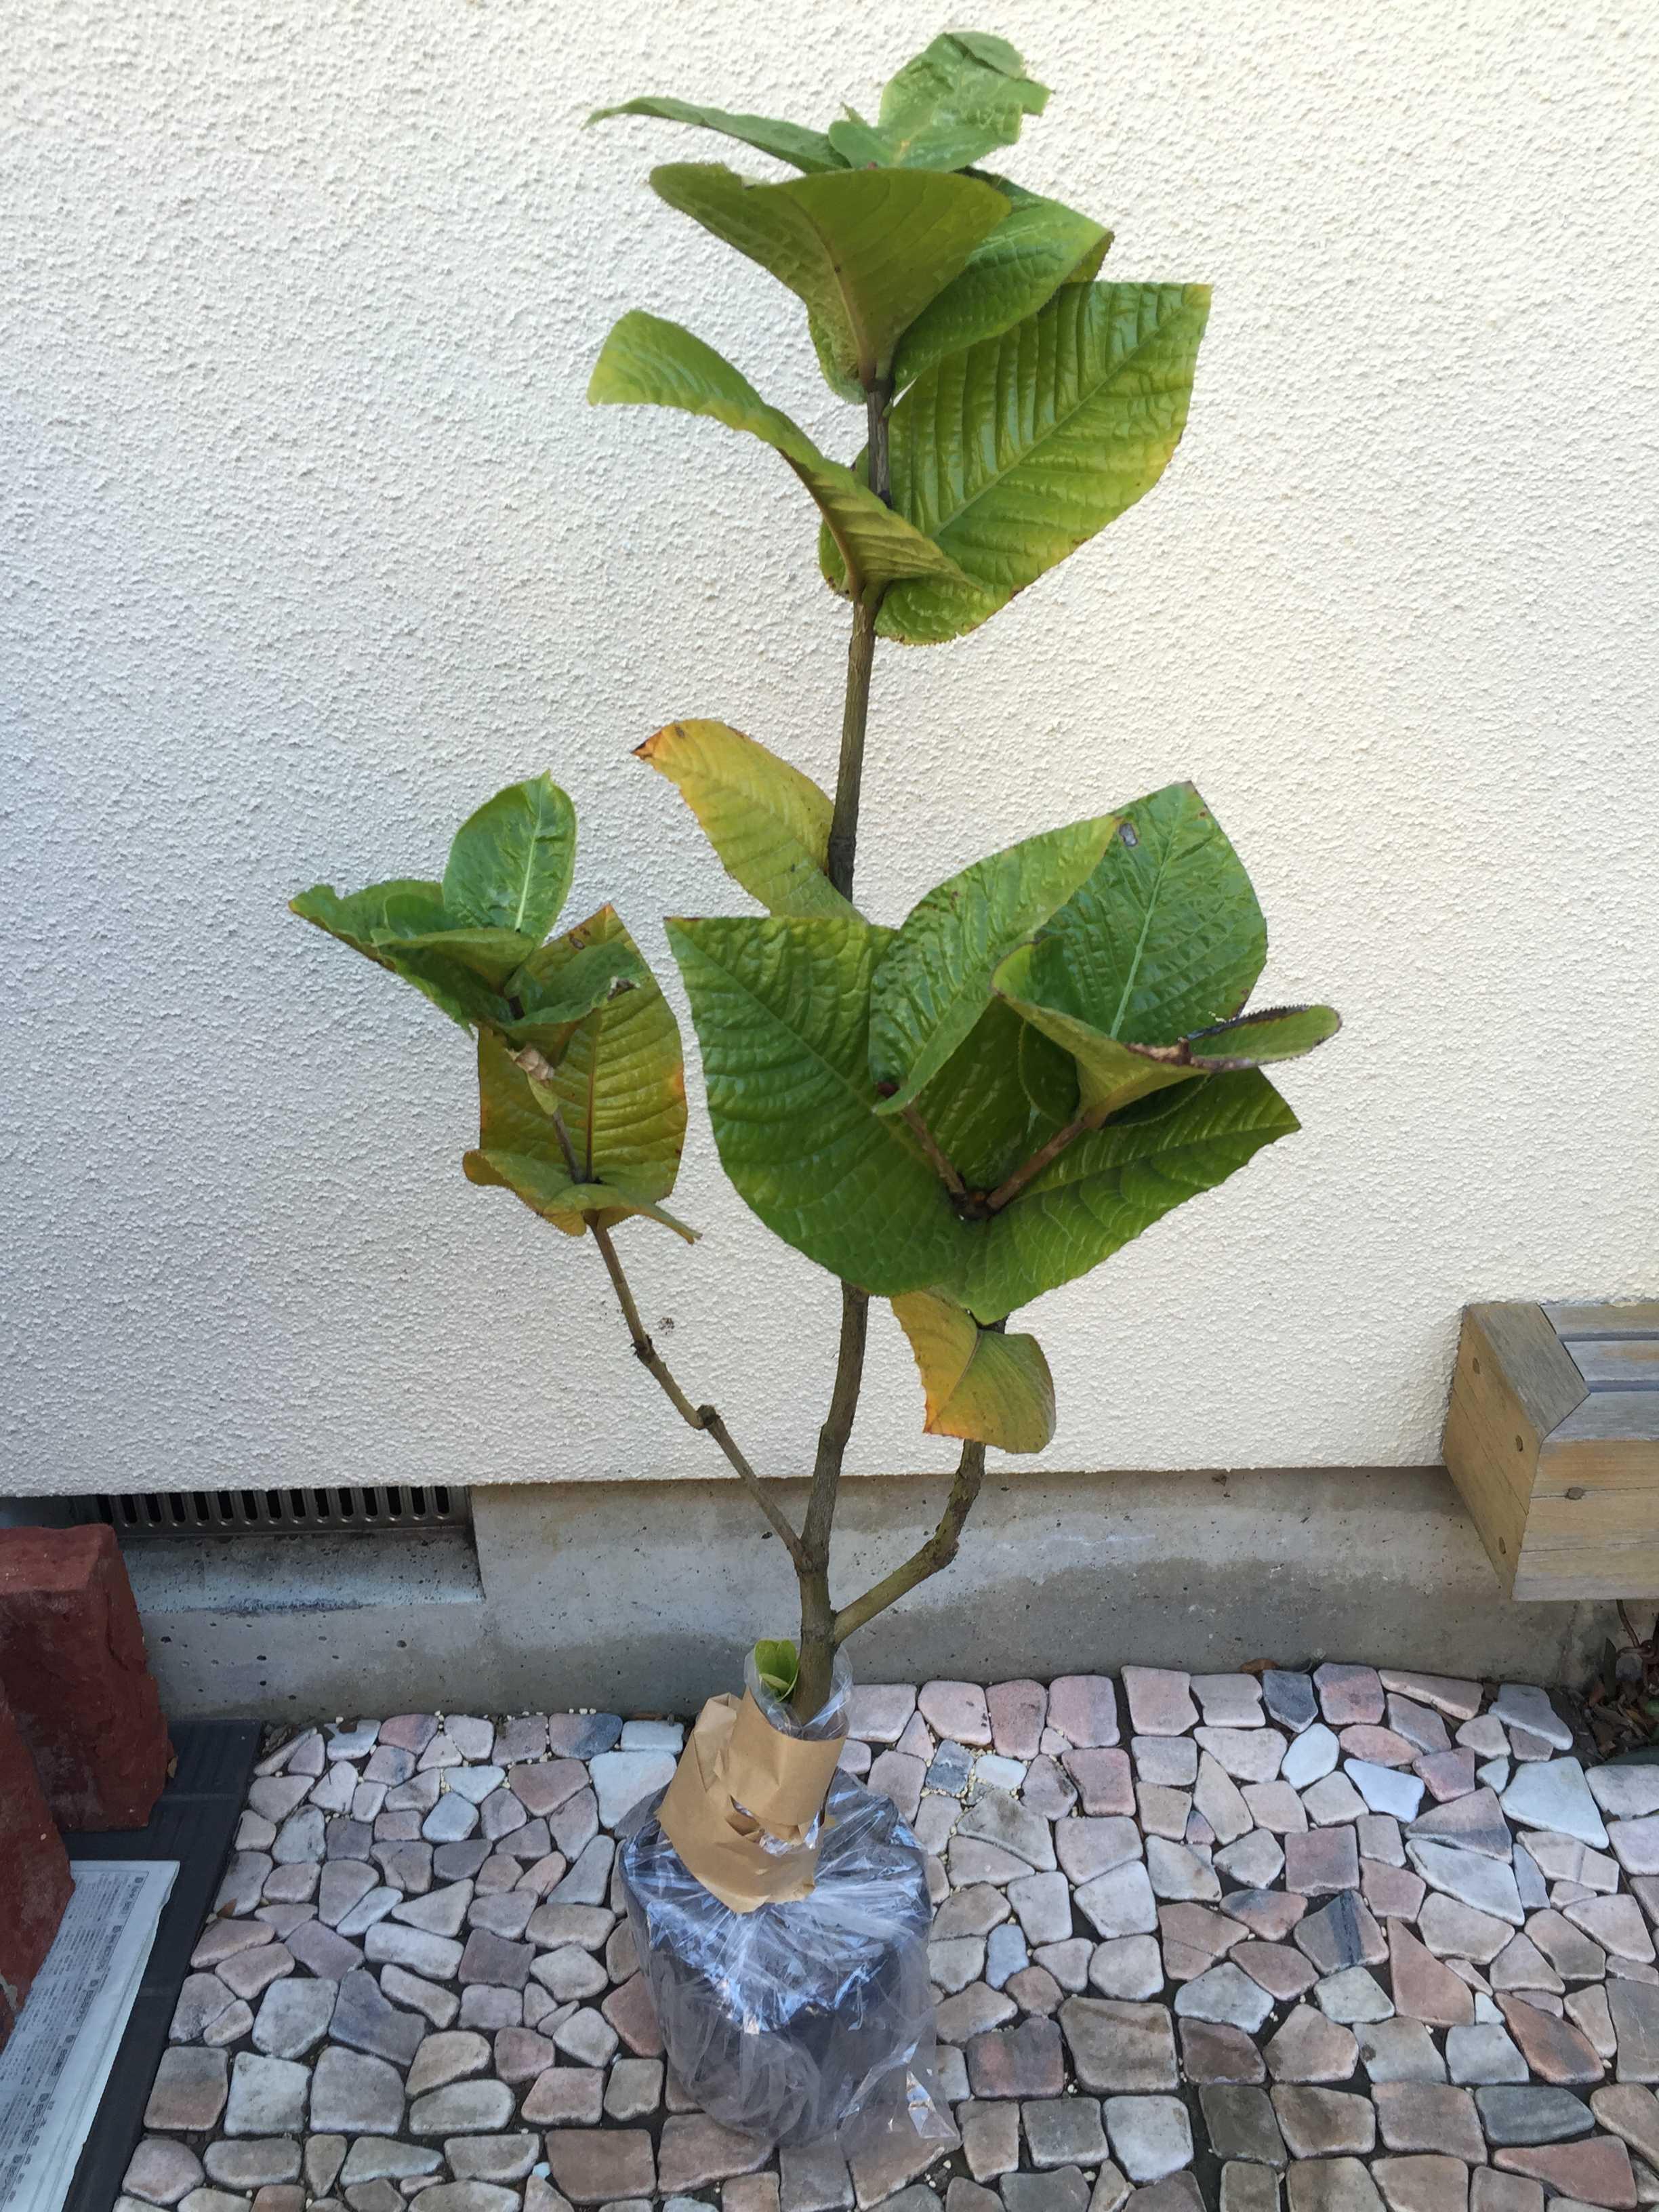 ベトナム産の黄花椿「ムラウチィ」